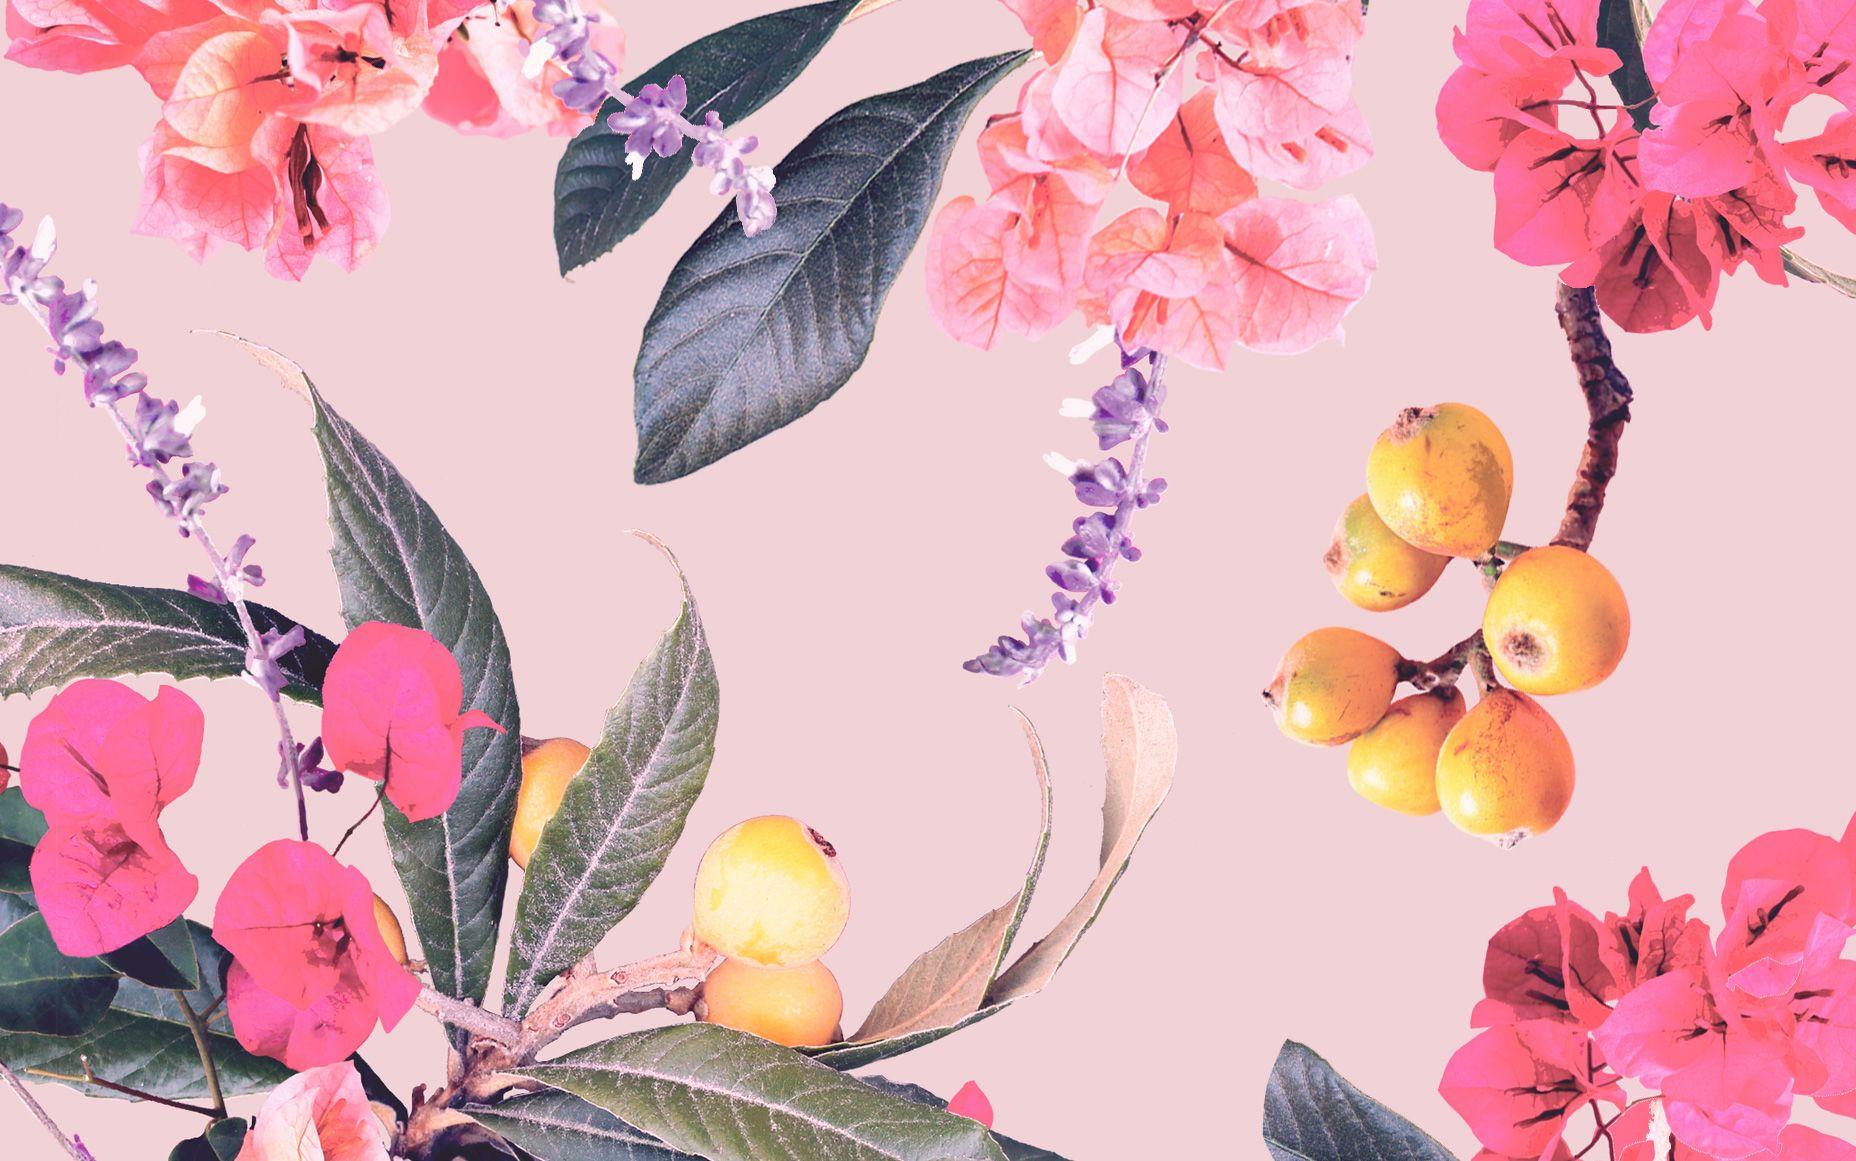 Designlovefest Santana Dress Your Tech 01 02 Jpg 1856 1161 Floral Wallpaper Desktop Flower Desktop Wallpaper Laptop Wallpaper Desktop Wallpapers